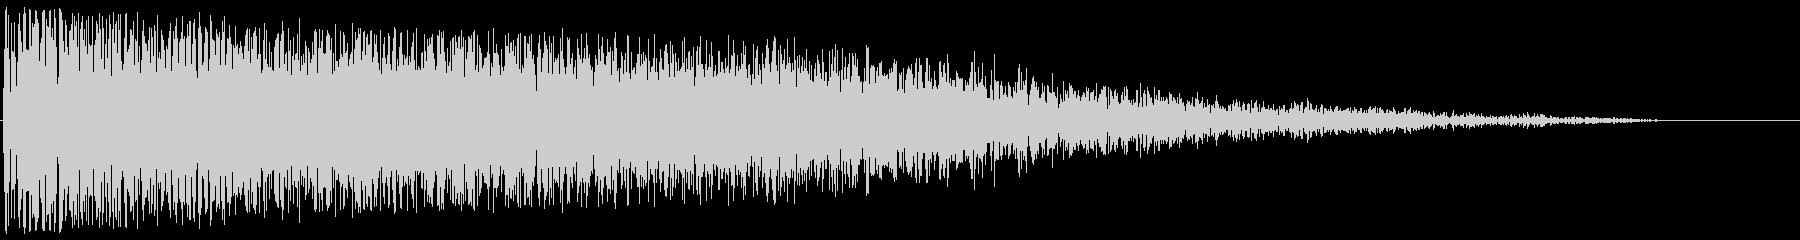 レーザービーム発射(重厚感のある爽快音)の未再生の波形